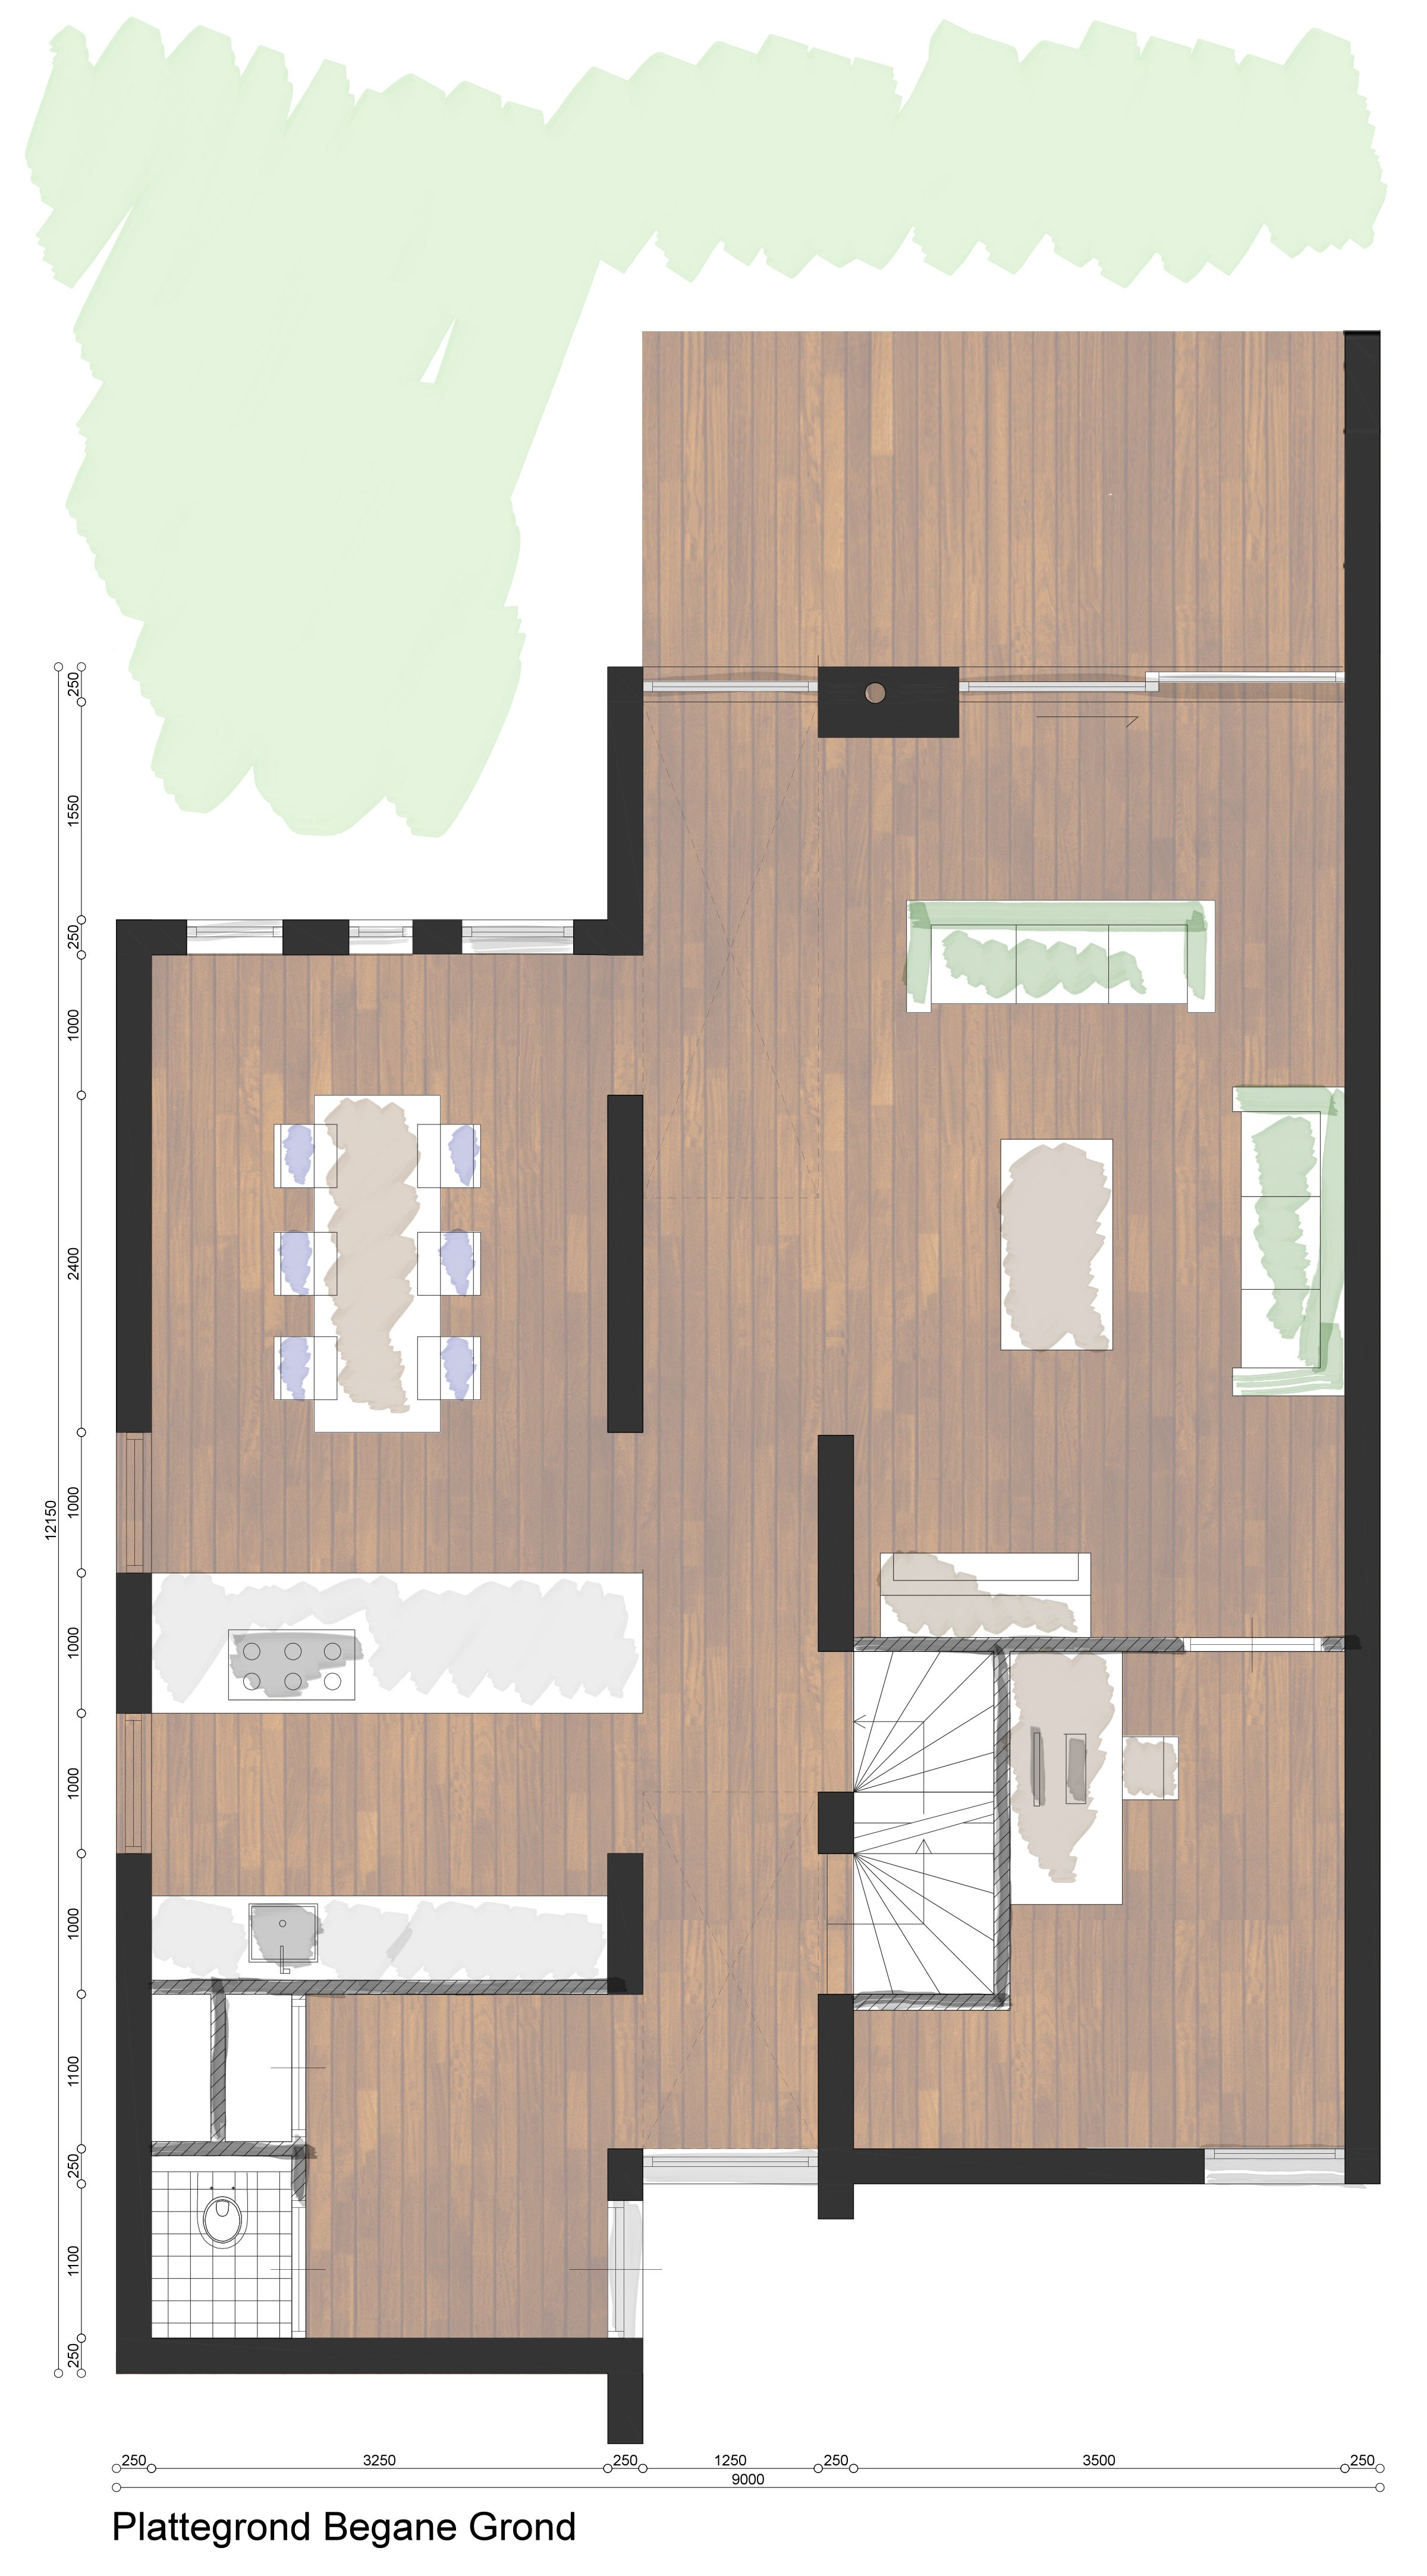 Plattegrond moderne woning google zoeken keuken pinterest zoeken google en plattegronden - Plan indoor moderne woning ...